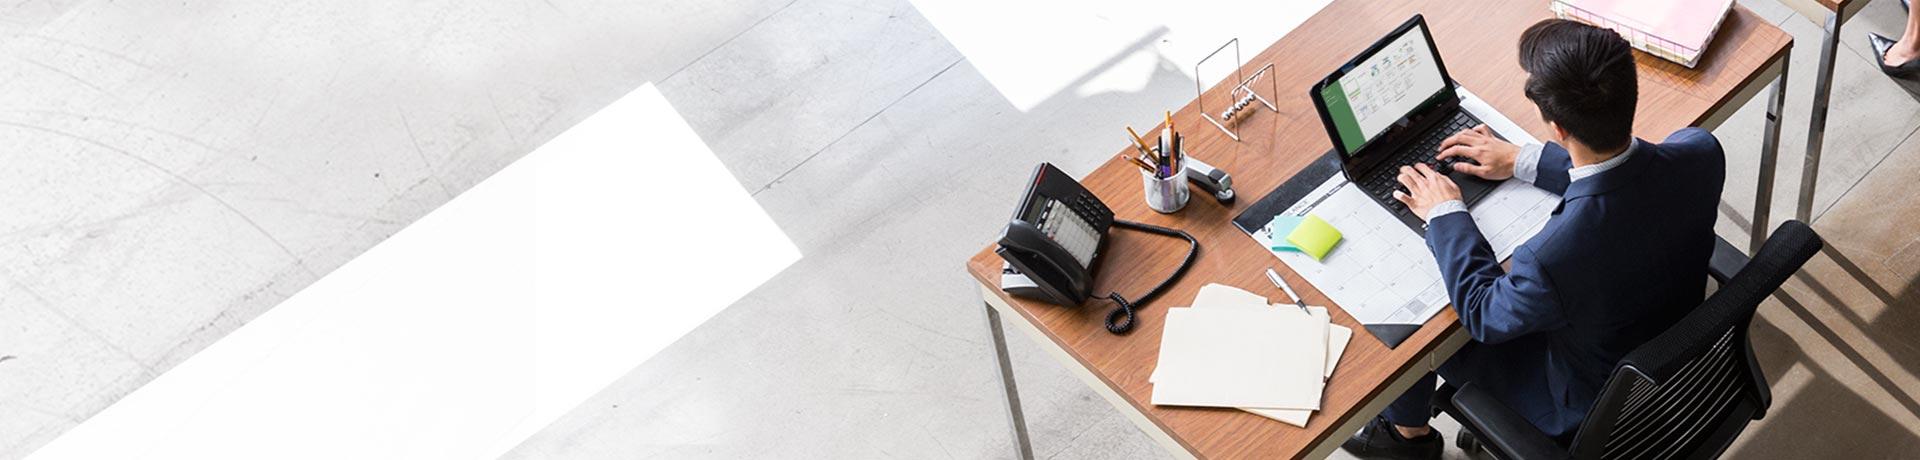 Ofiste masada oturmuş, dizüstü bilgisayarında bir Microsoft Project dosyasıyla çalışan adam.